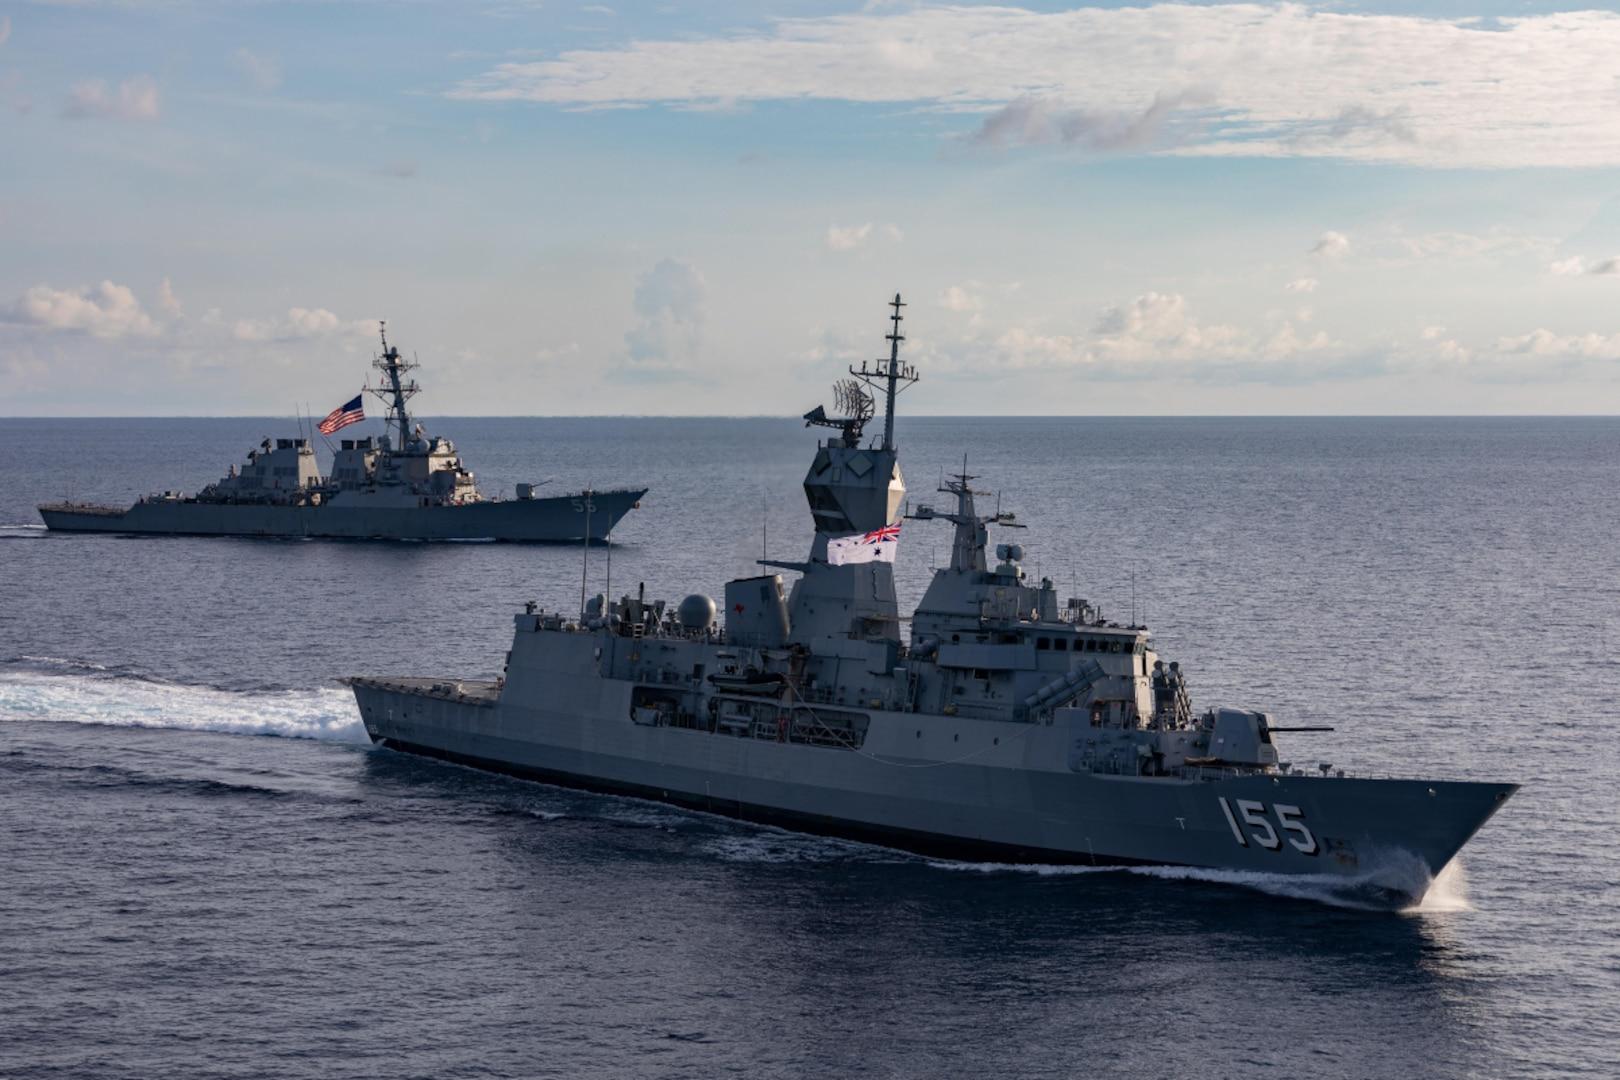 USS John S. McCain sails alongside HMAS Ballarat